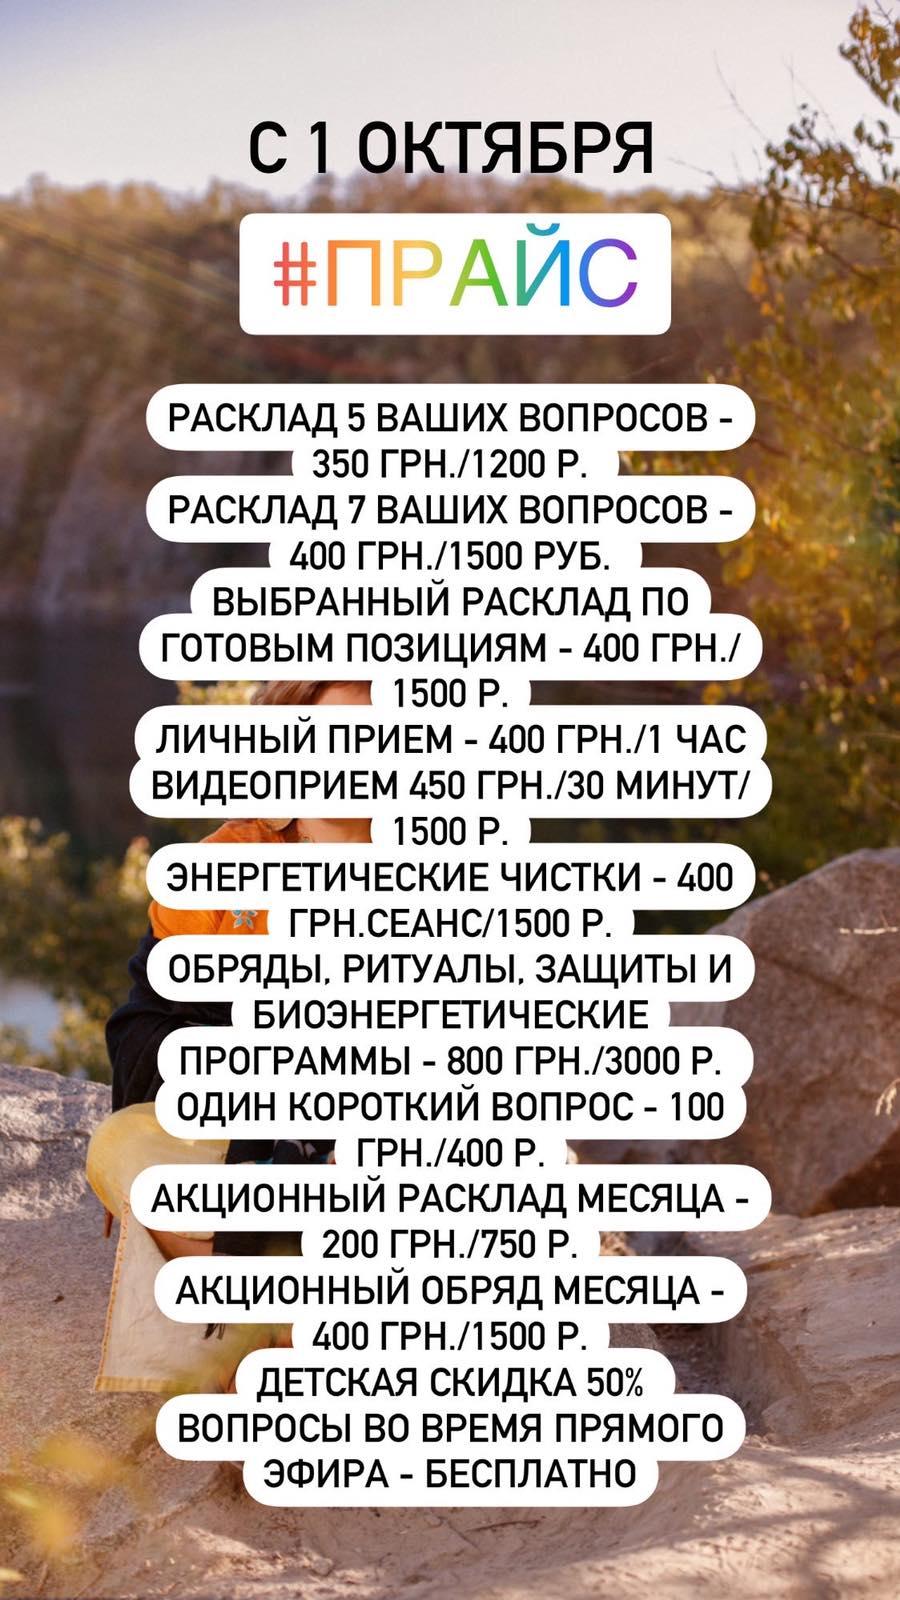 изображение_viber_2020-09-26_09-44-16